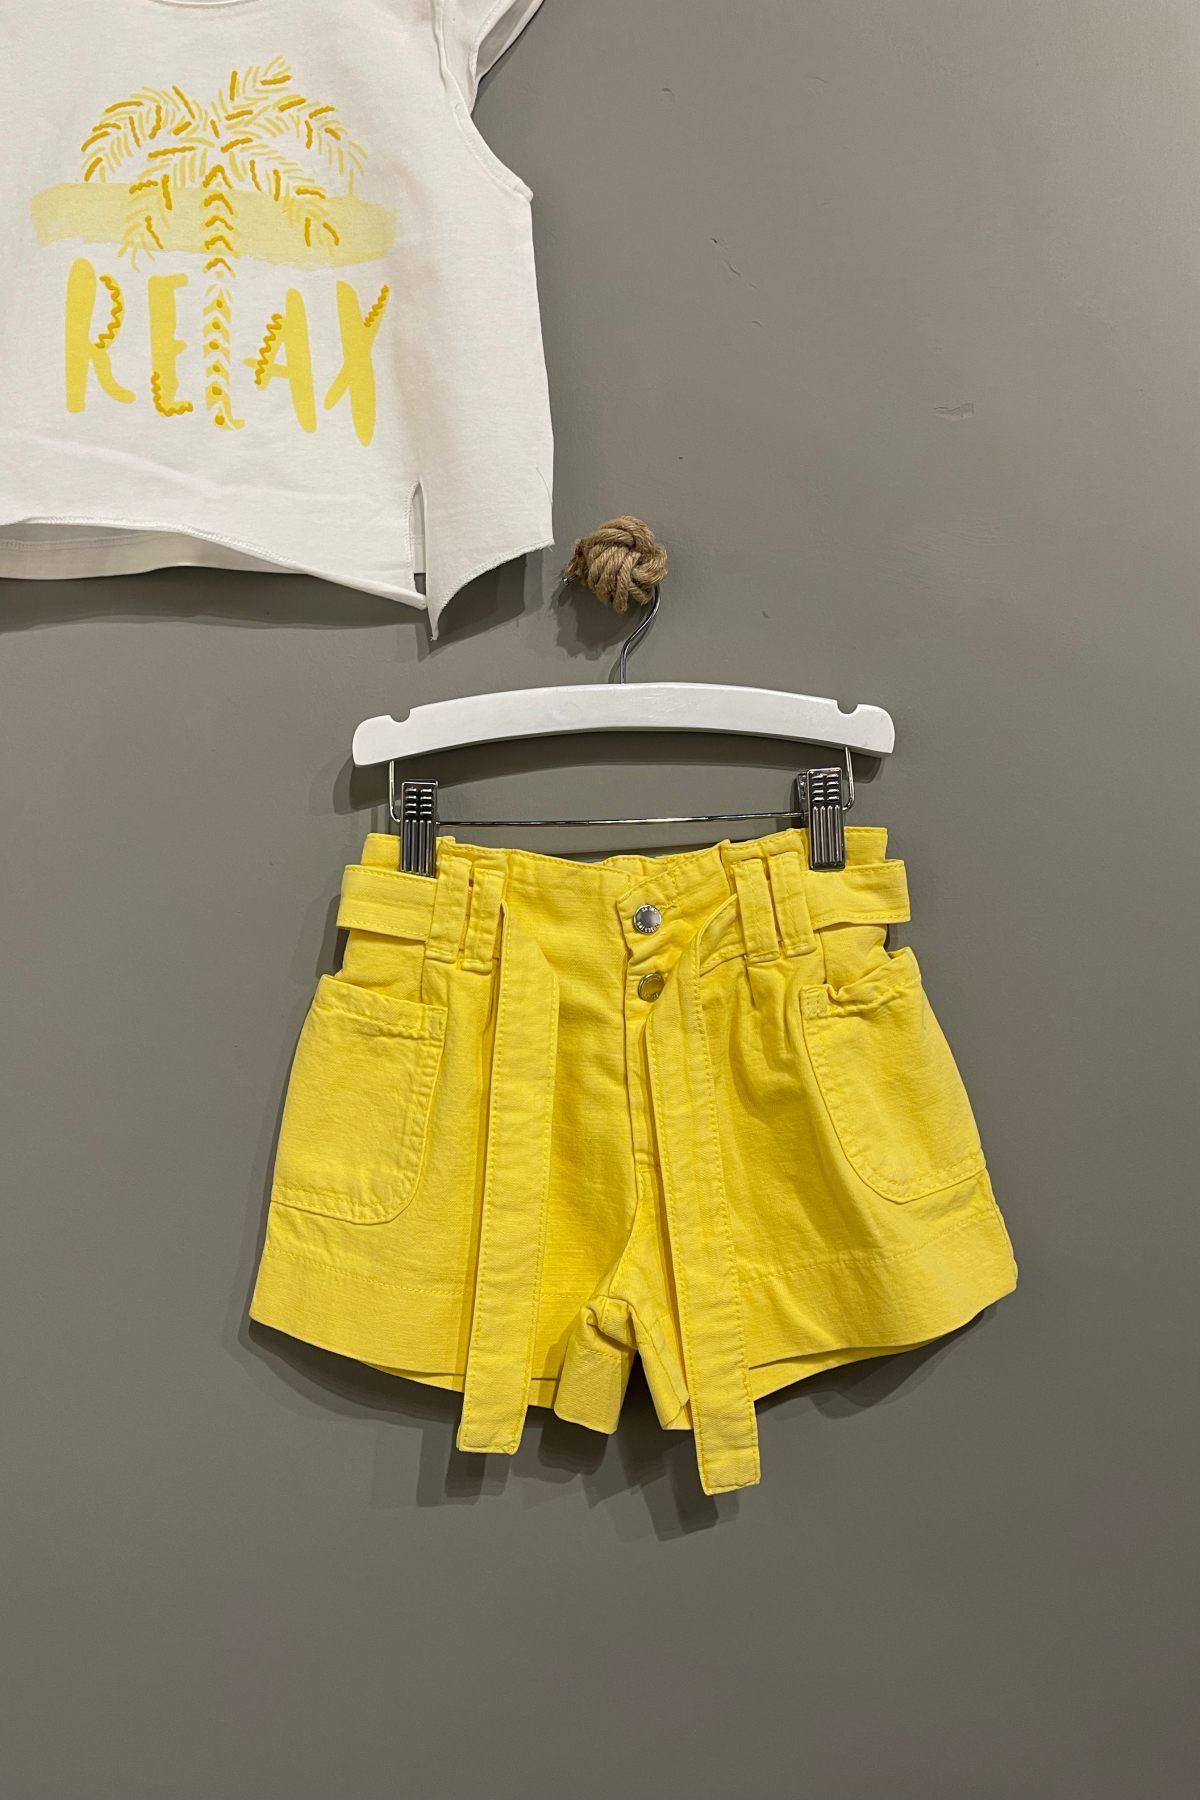 Relax Baskılı Kız Çocuk Takım - Sarı